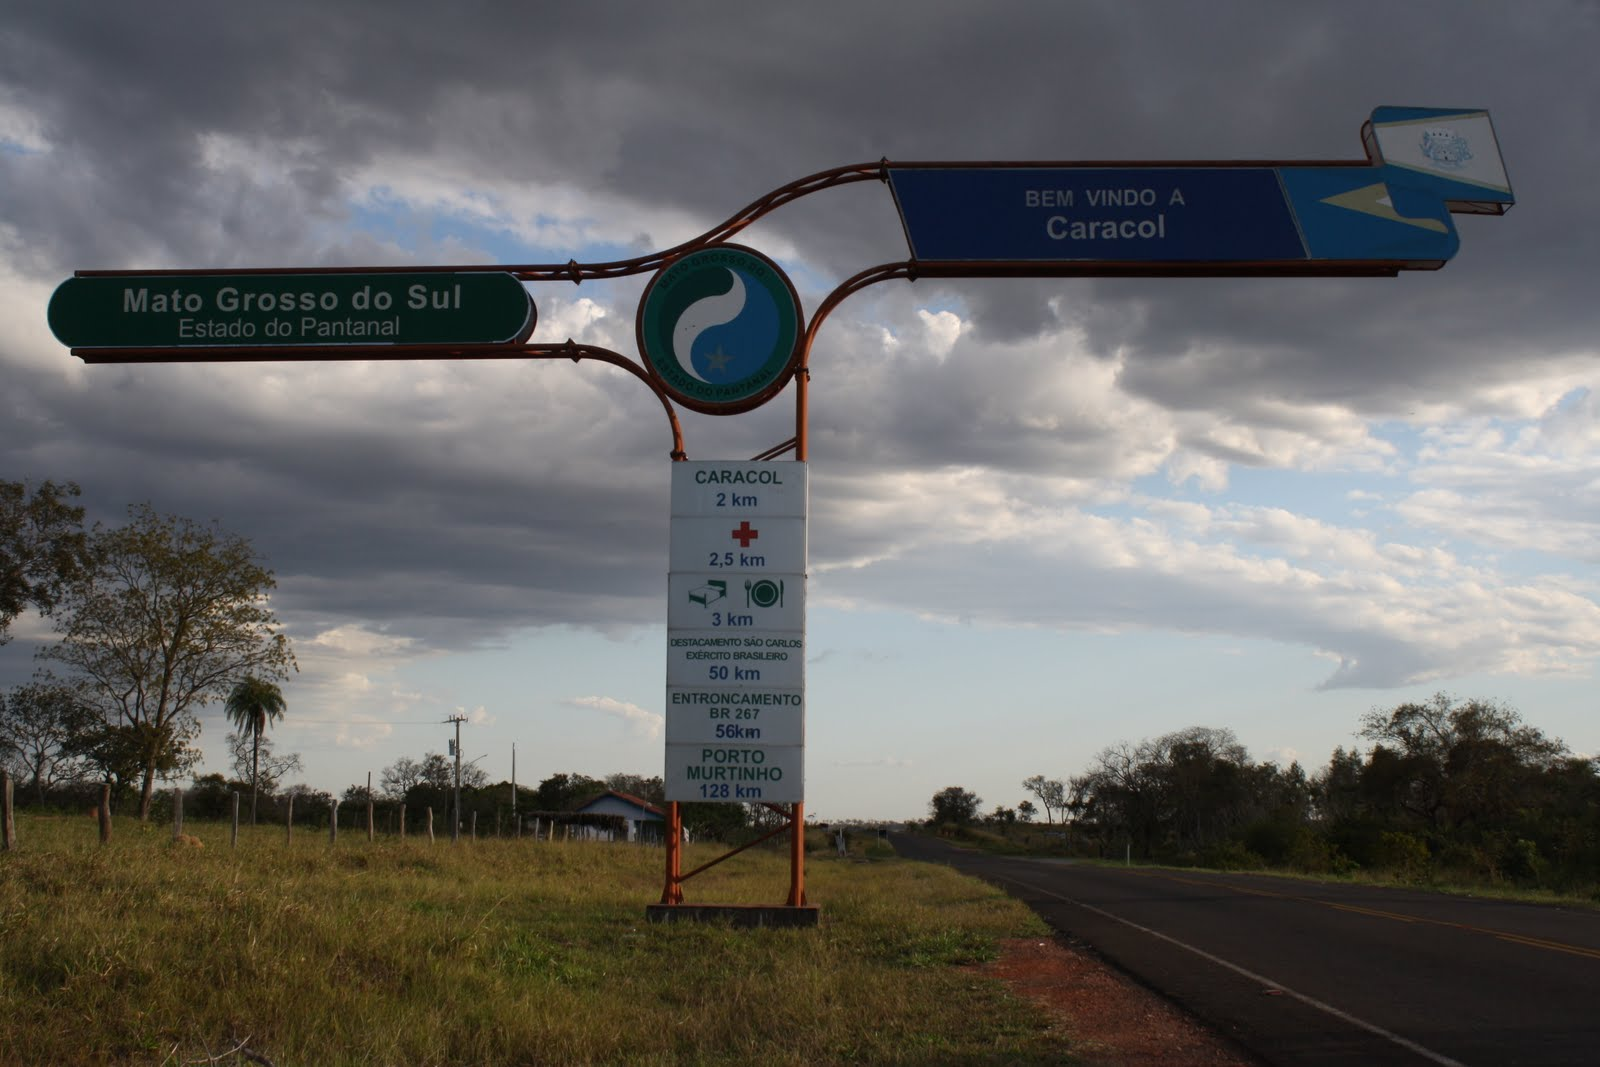 Caracol Mato Grosso do Sul fonte: 2.bp.blogspot.com